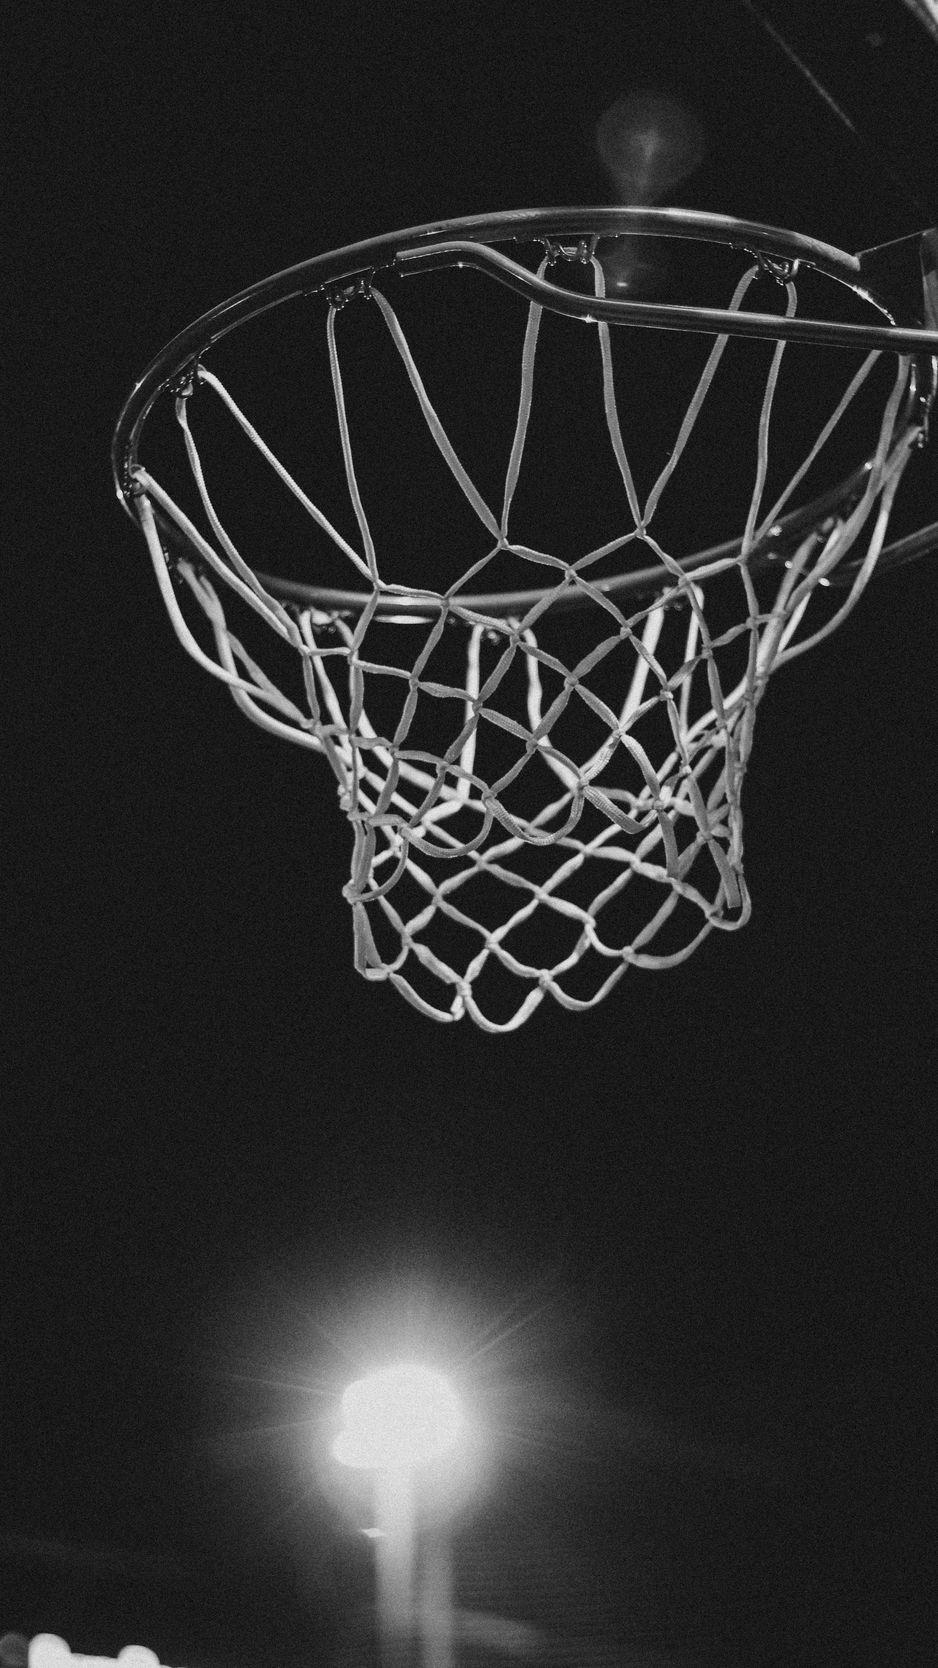 Wallpaper Basketball Ring, Bw, Net, Basketball - Basketball Ring Wallpaper Hd , HD Wallpaper & Backgrounds